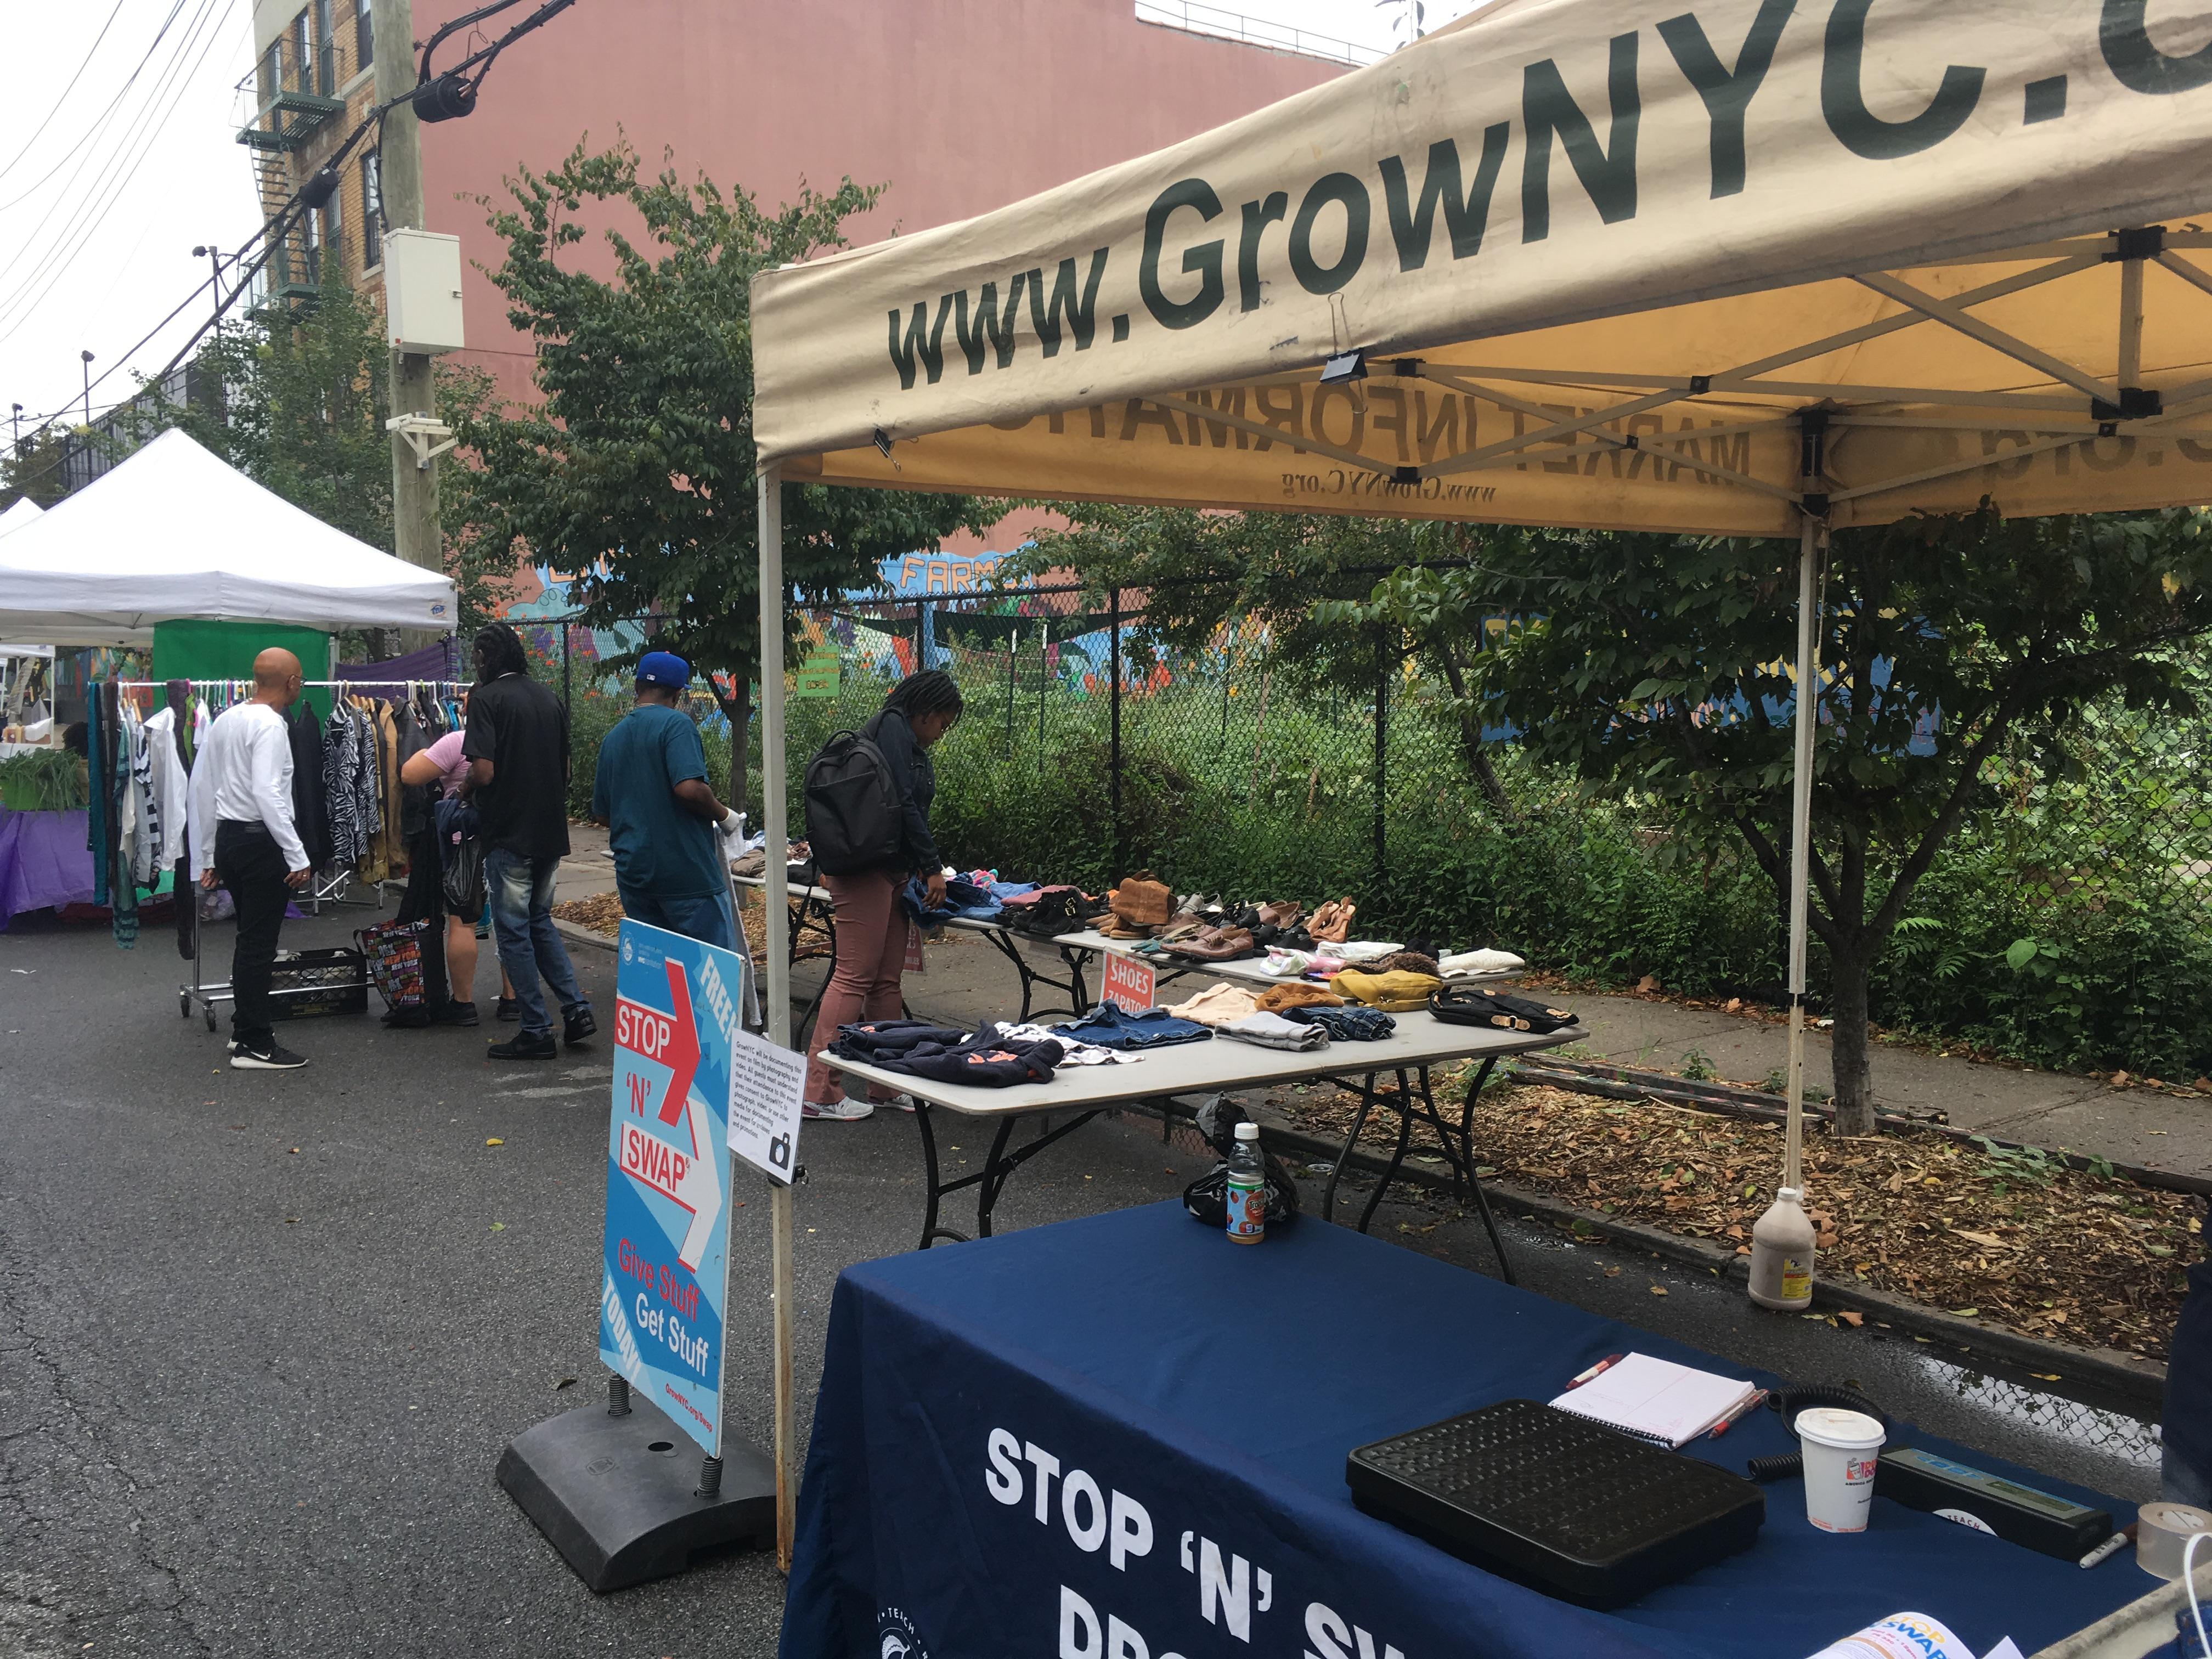 East New York Clothing Swap - Go Green Brooklyn